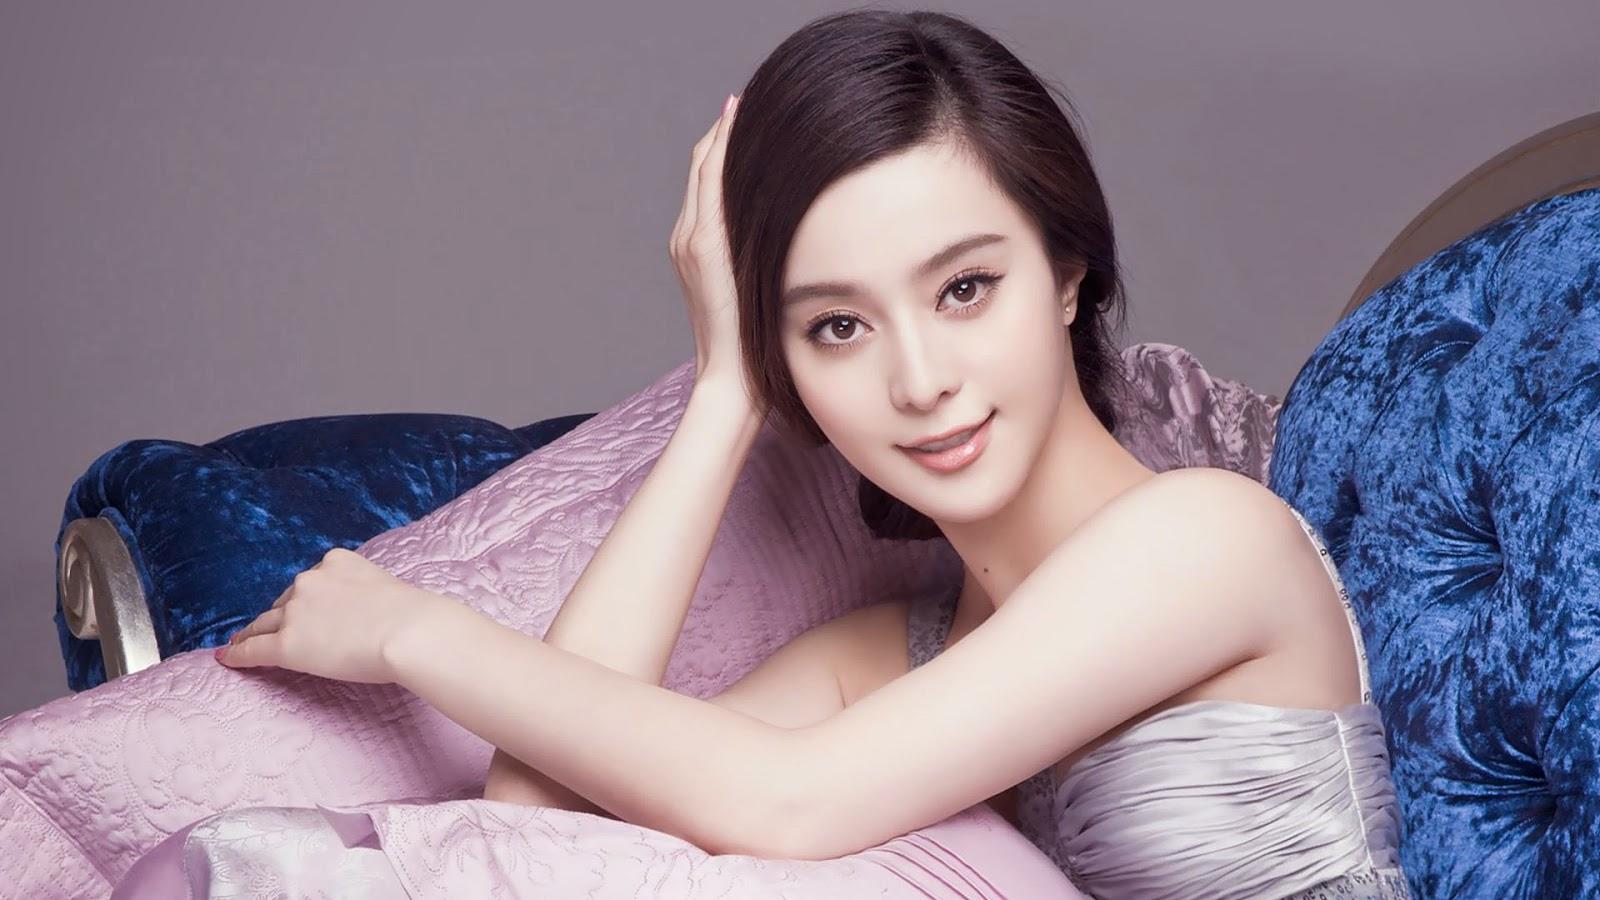 19 Wallpaper Gambar Foto Wanita Cantik Fan Bing Bing